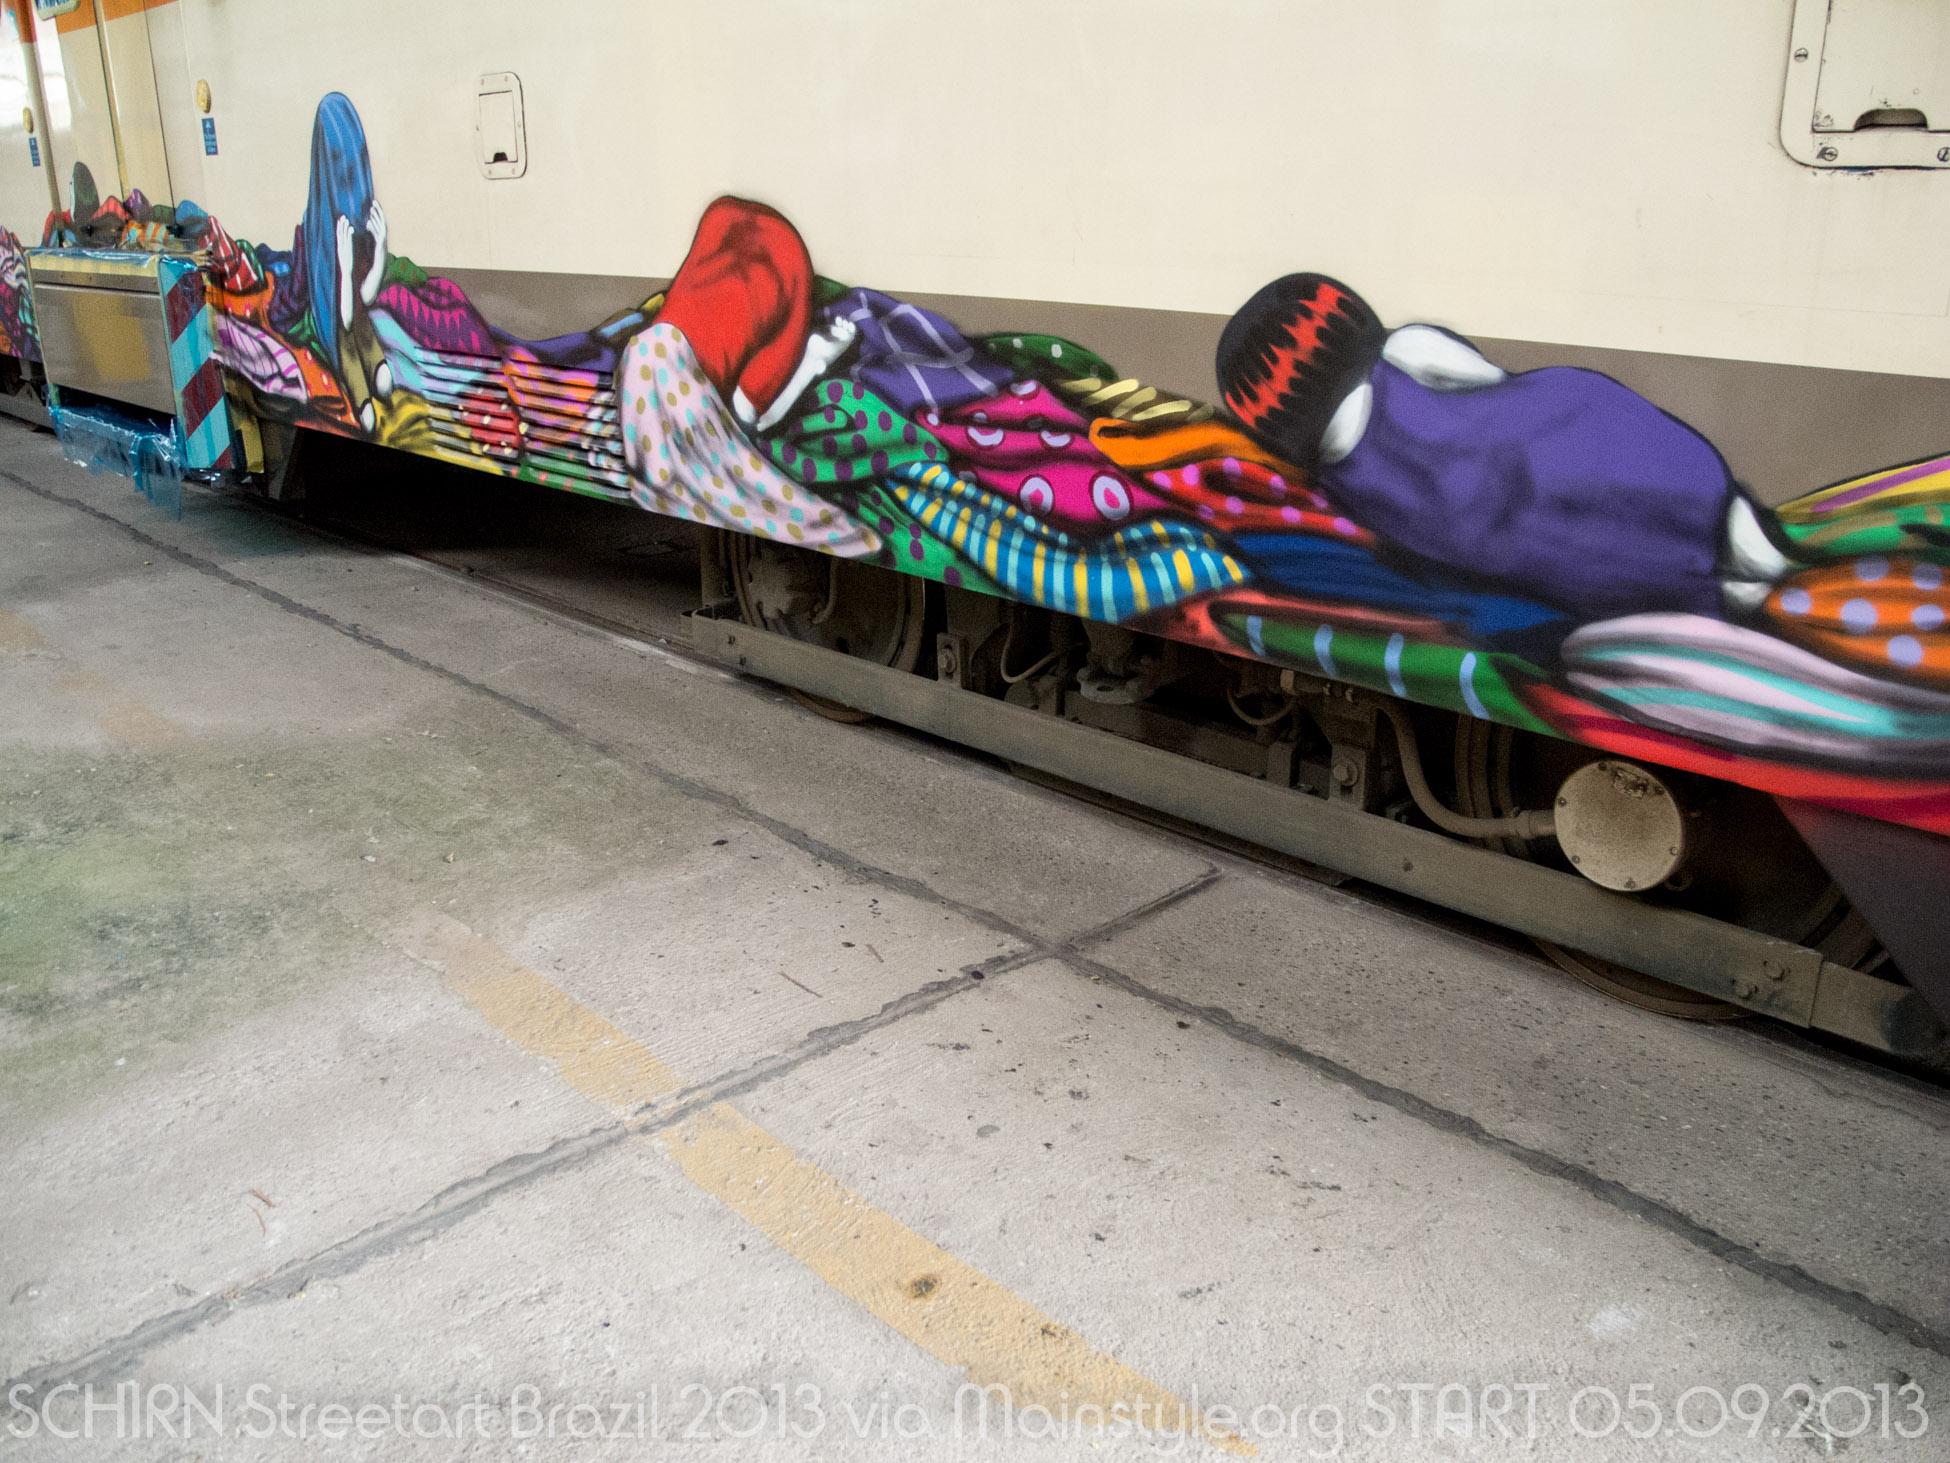 Streetart Brazil SCHIRN Frankfurt 2013_ (15 von 25)